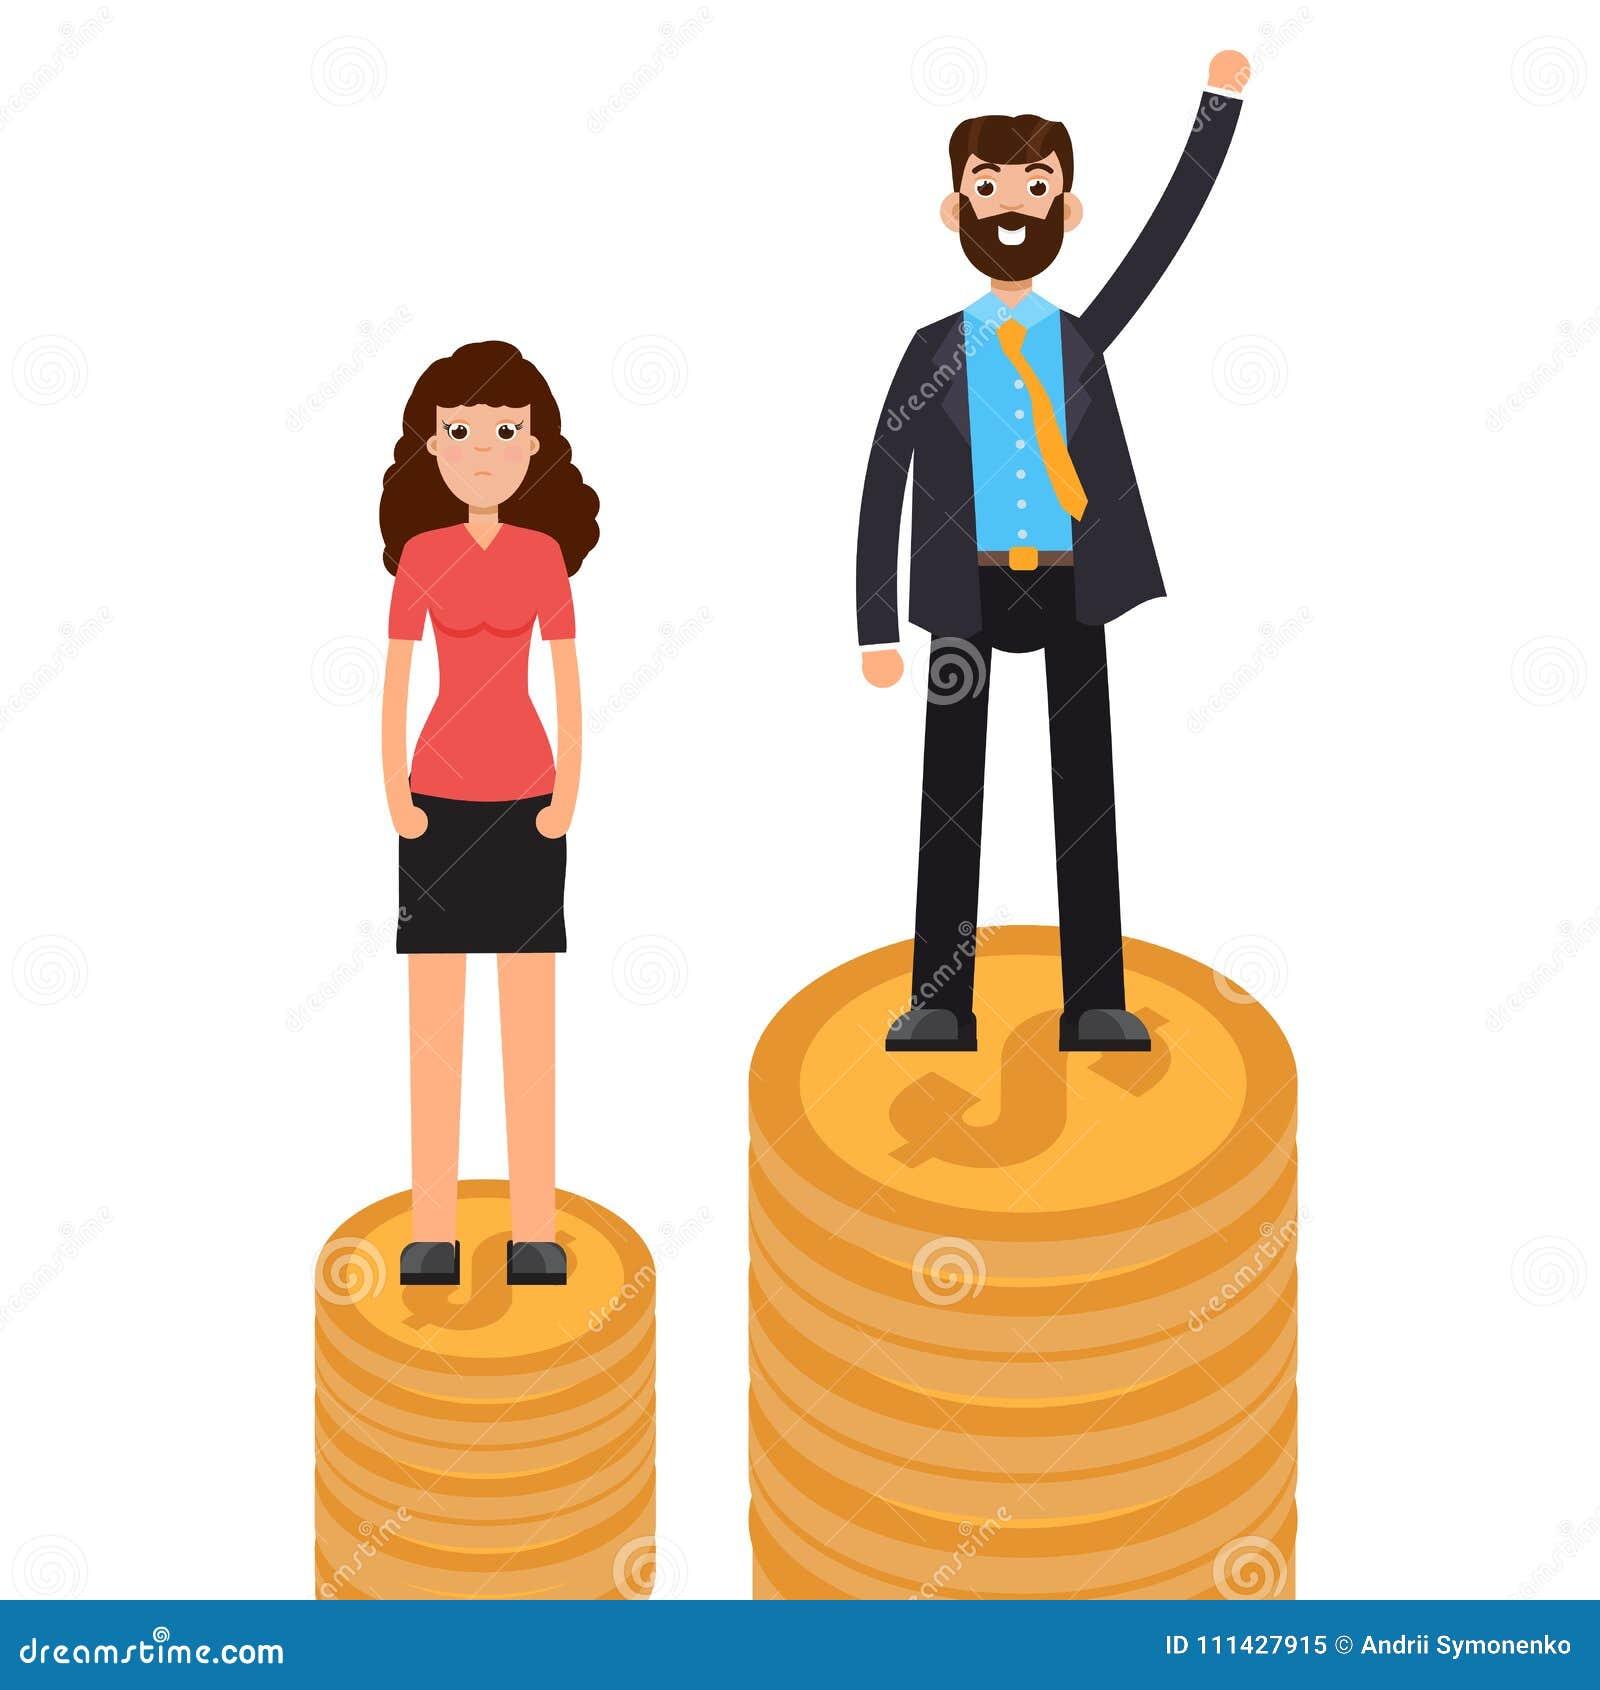 Χάσμα γένους, επιχειρησιακή διαφορά και διάκριση, άνδρες εναντίον των γυναικών, έννοια ανισότητας